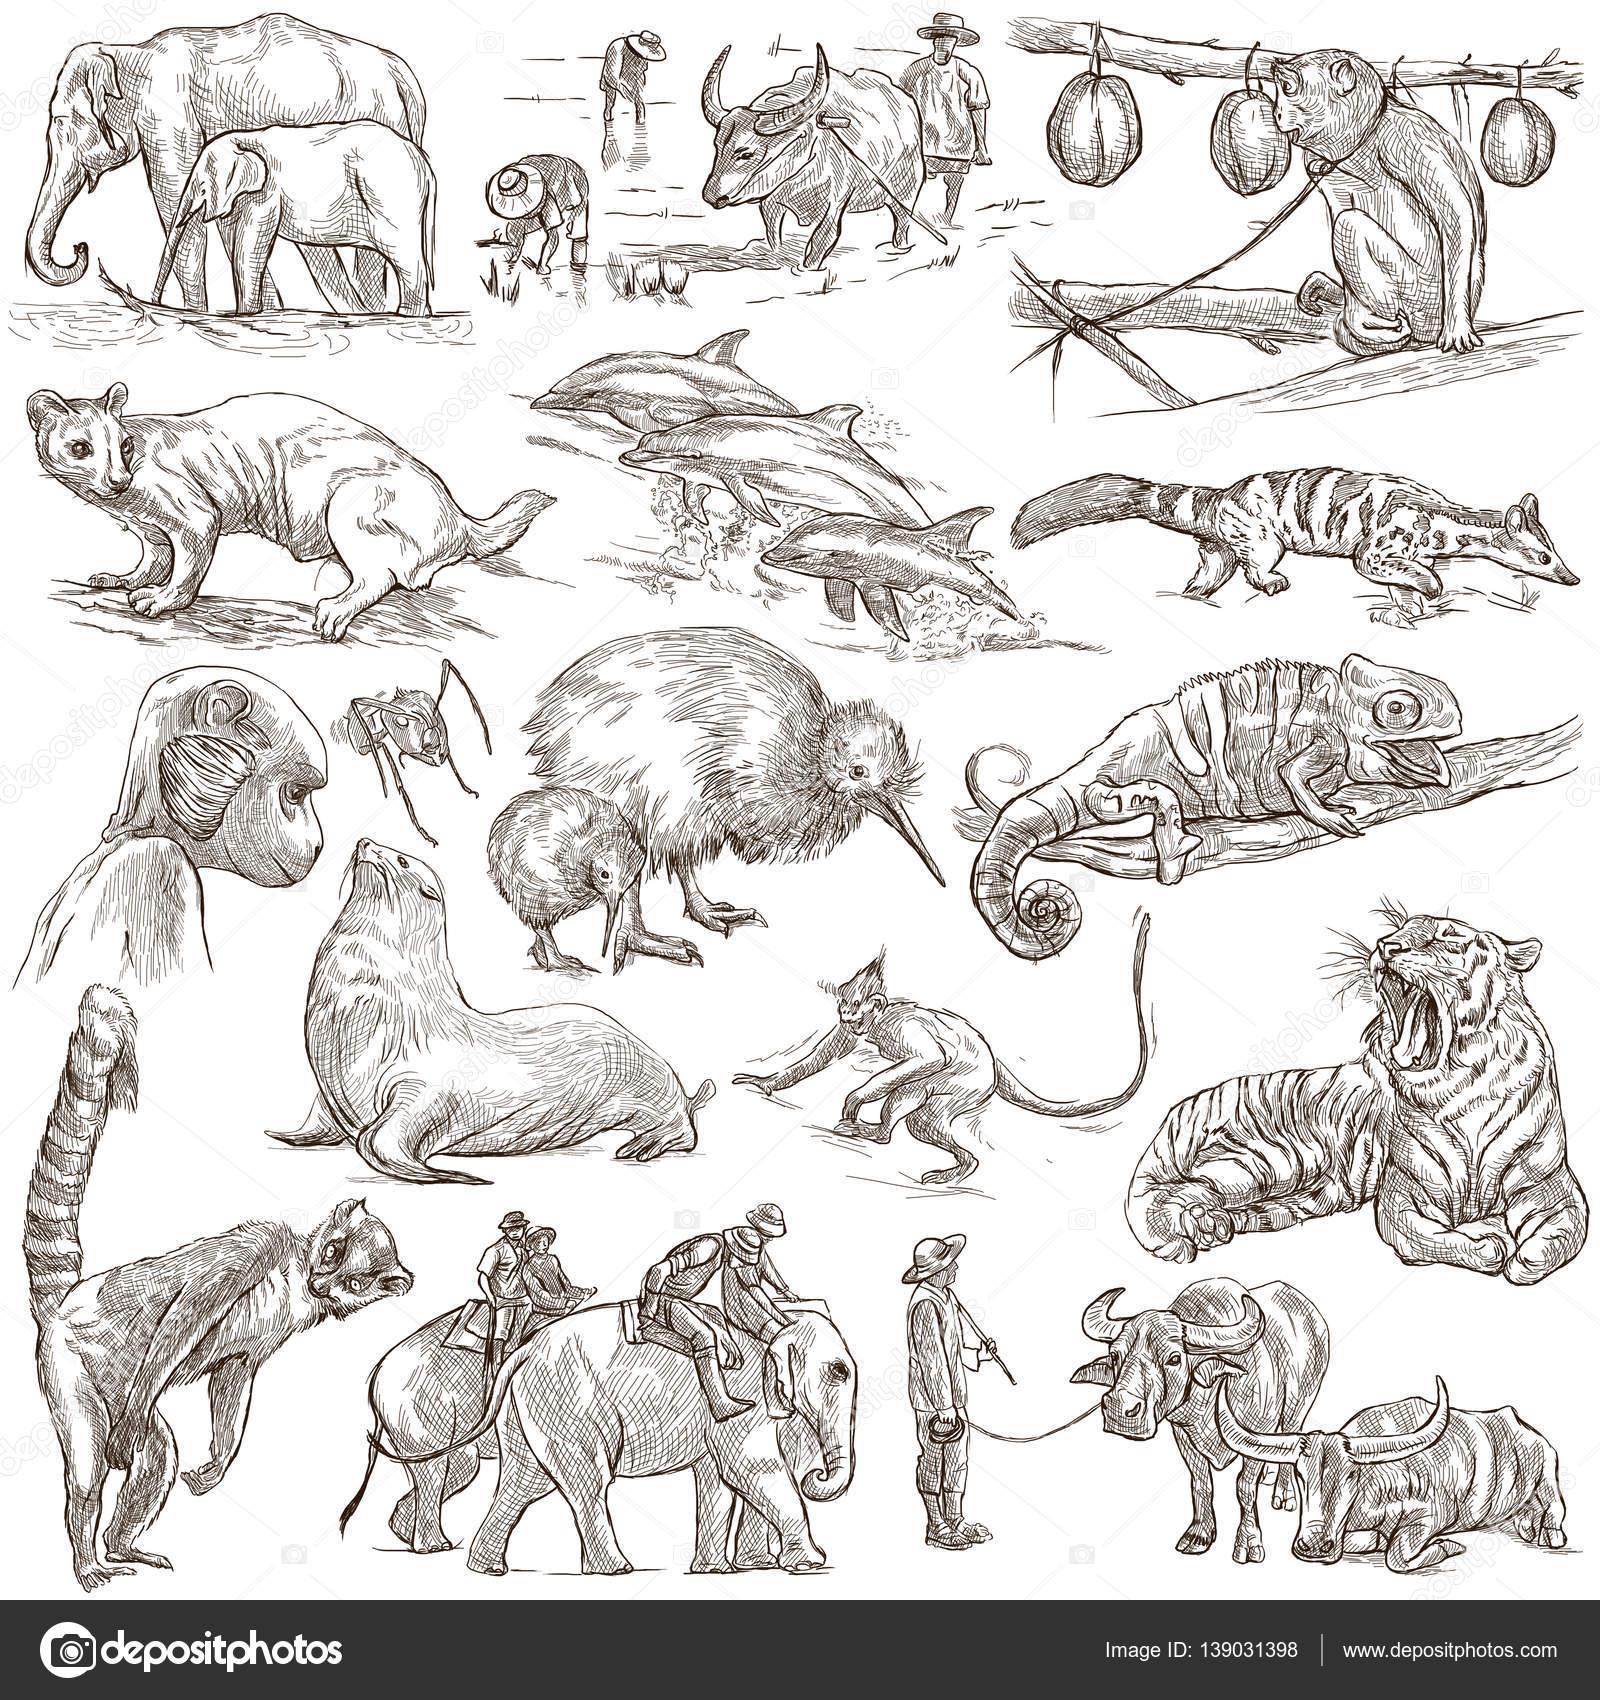 動物 - 手描き、フルサイズ、白のイラスト — ストック写真 © kuco #139031398